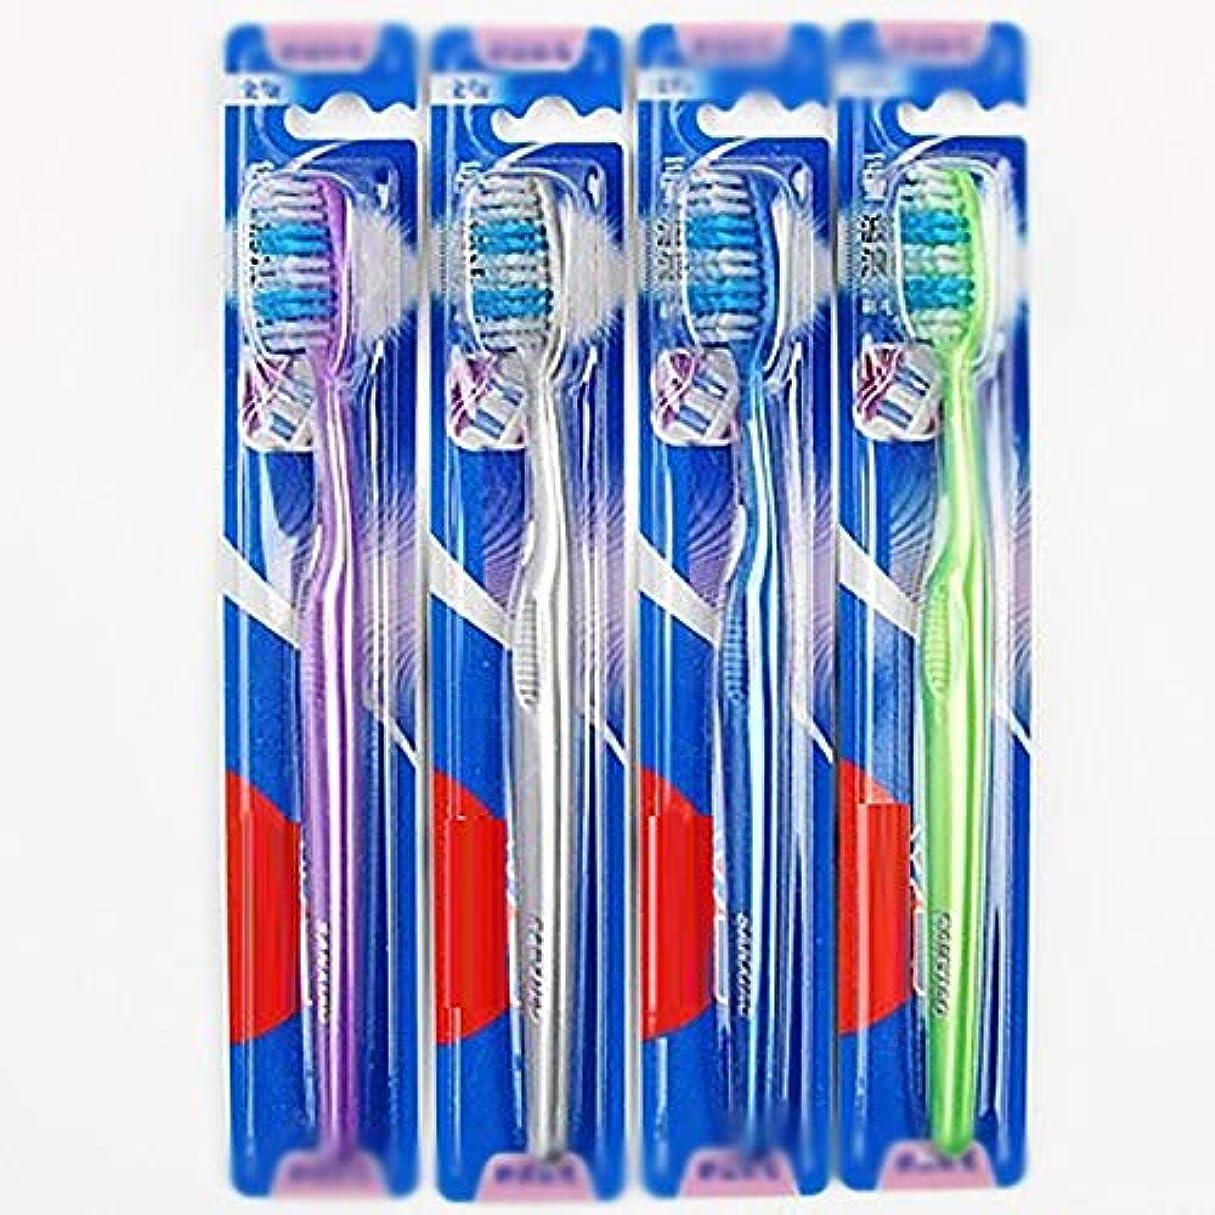 天井誓約簡単な歯ブラシ 30歯ブラシ、快適な柔らかい歯ブラシ、大人歯ブラシ - 使用可能なスタイルの2種類 KHL (色 : B, サイズ : 30 packs)